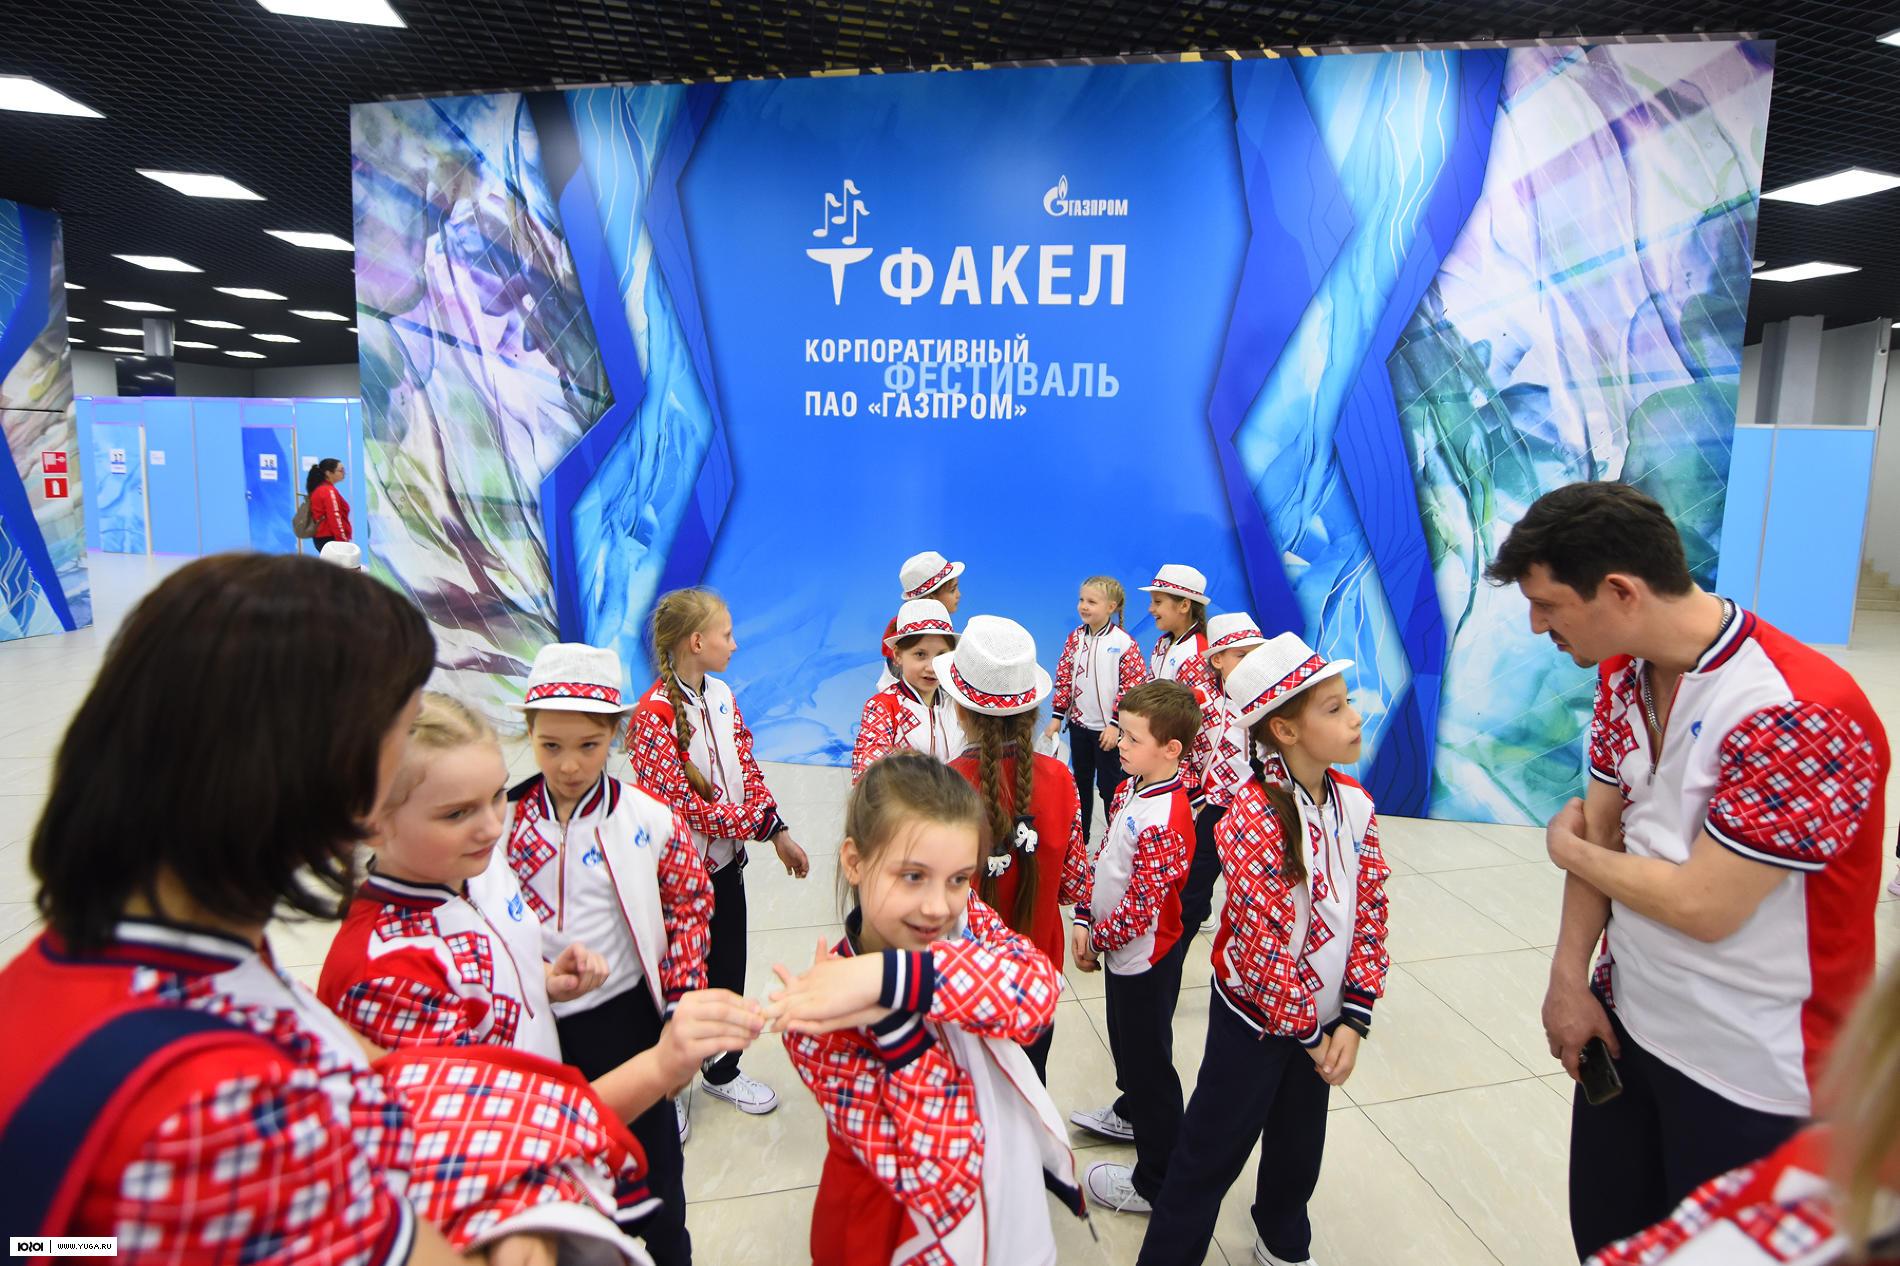 Фестиваль «Факел» — 2019 ©Фото Елены Синеок, Юга.ру